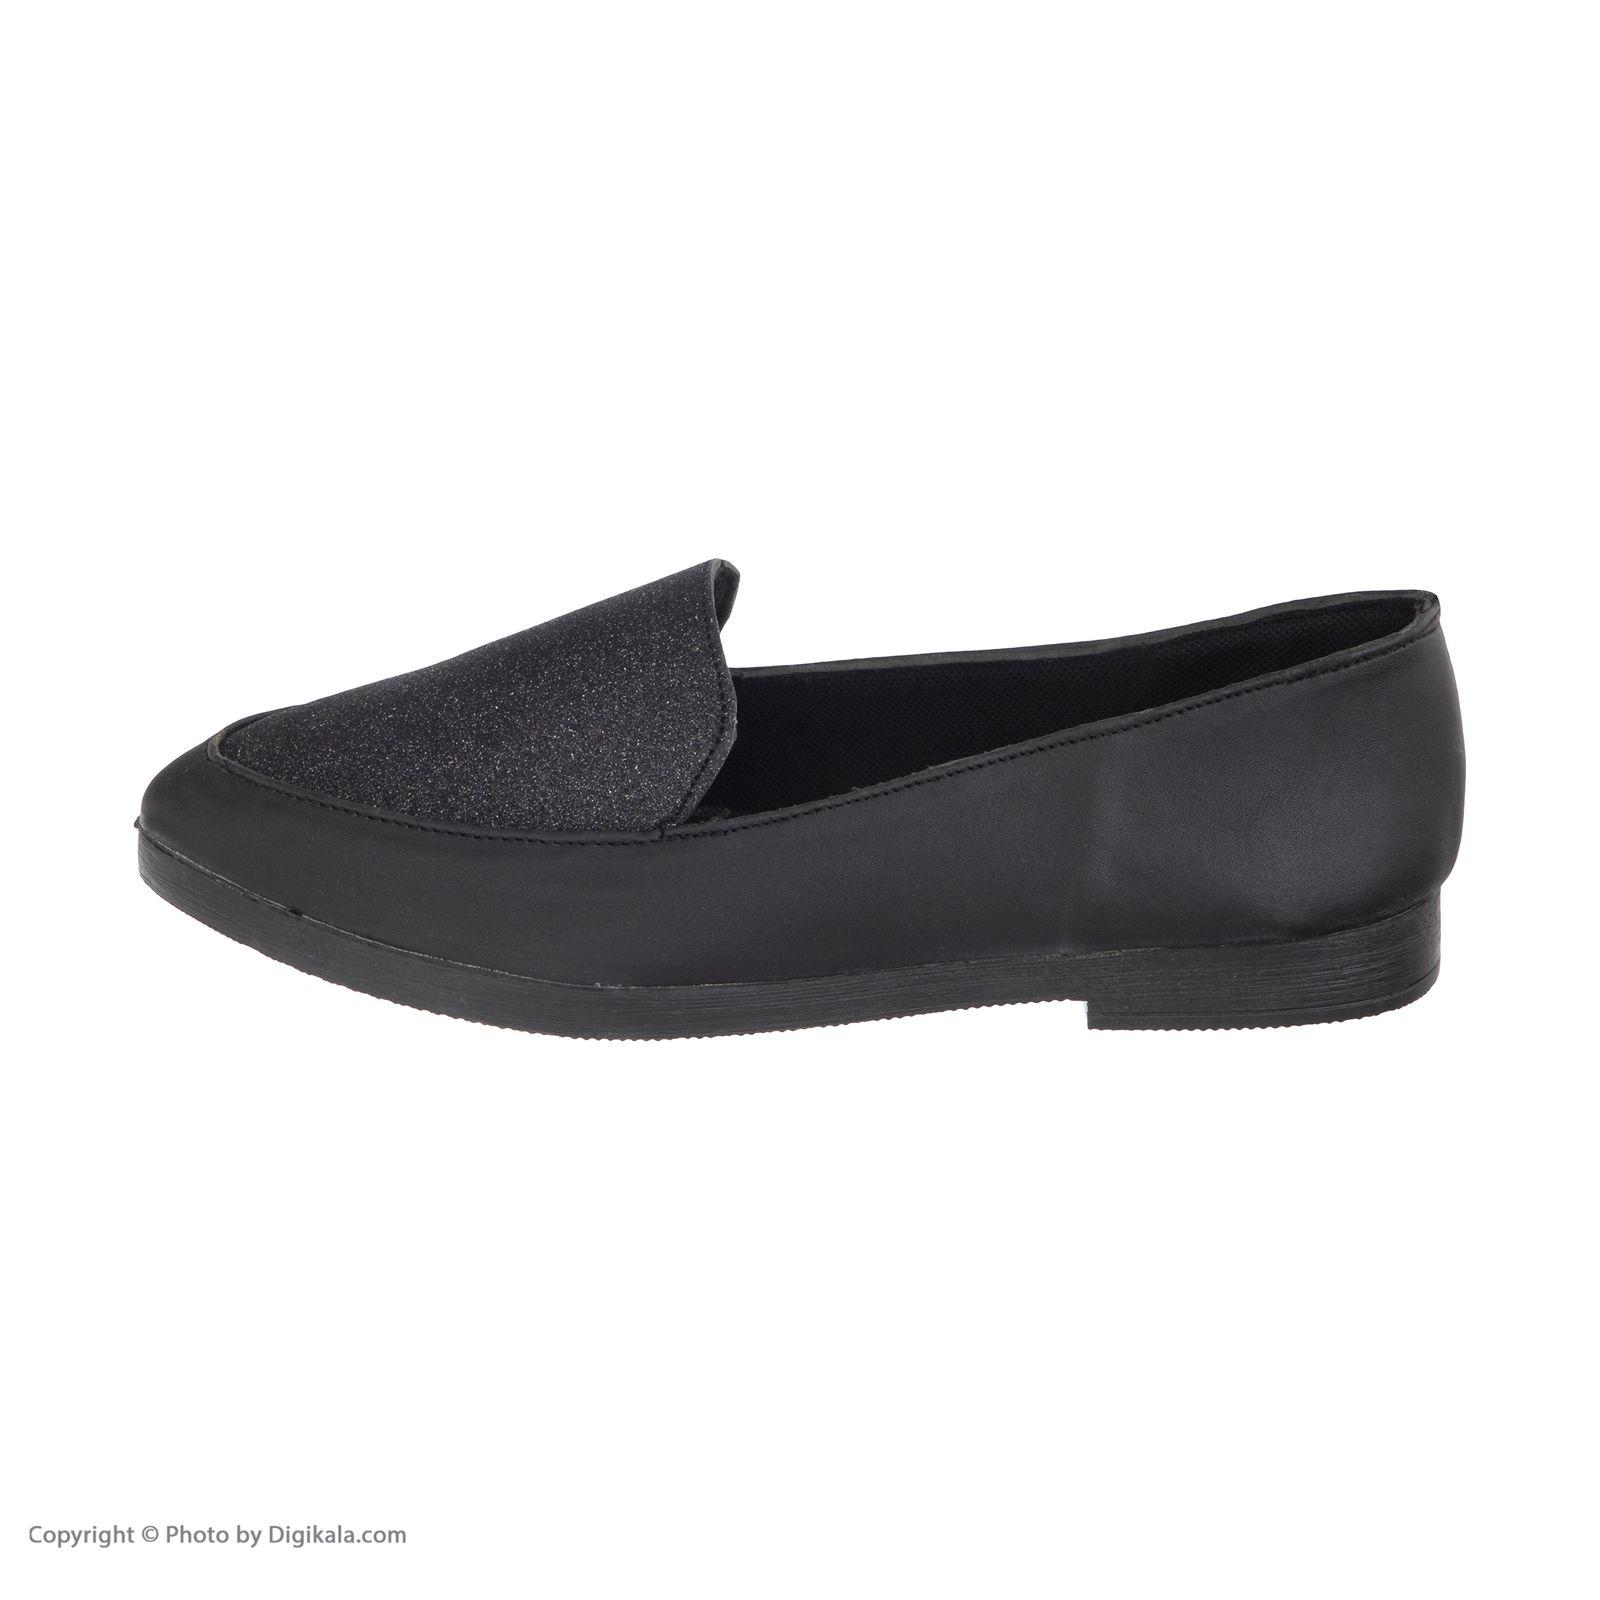 کفش زنانه لبتو مدل 501099 -  - 2